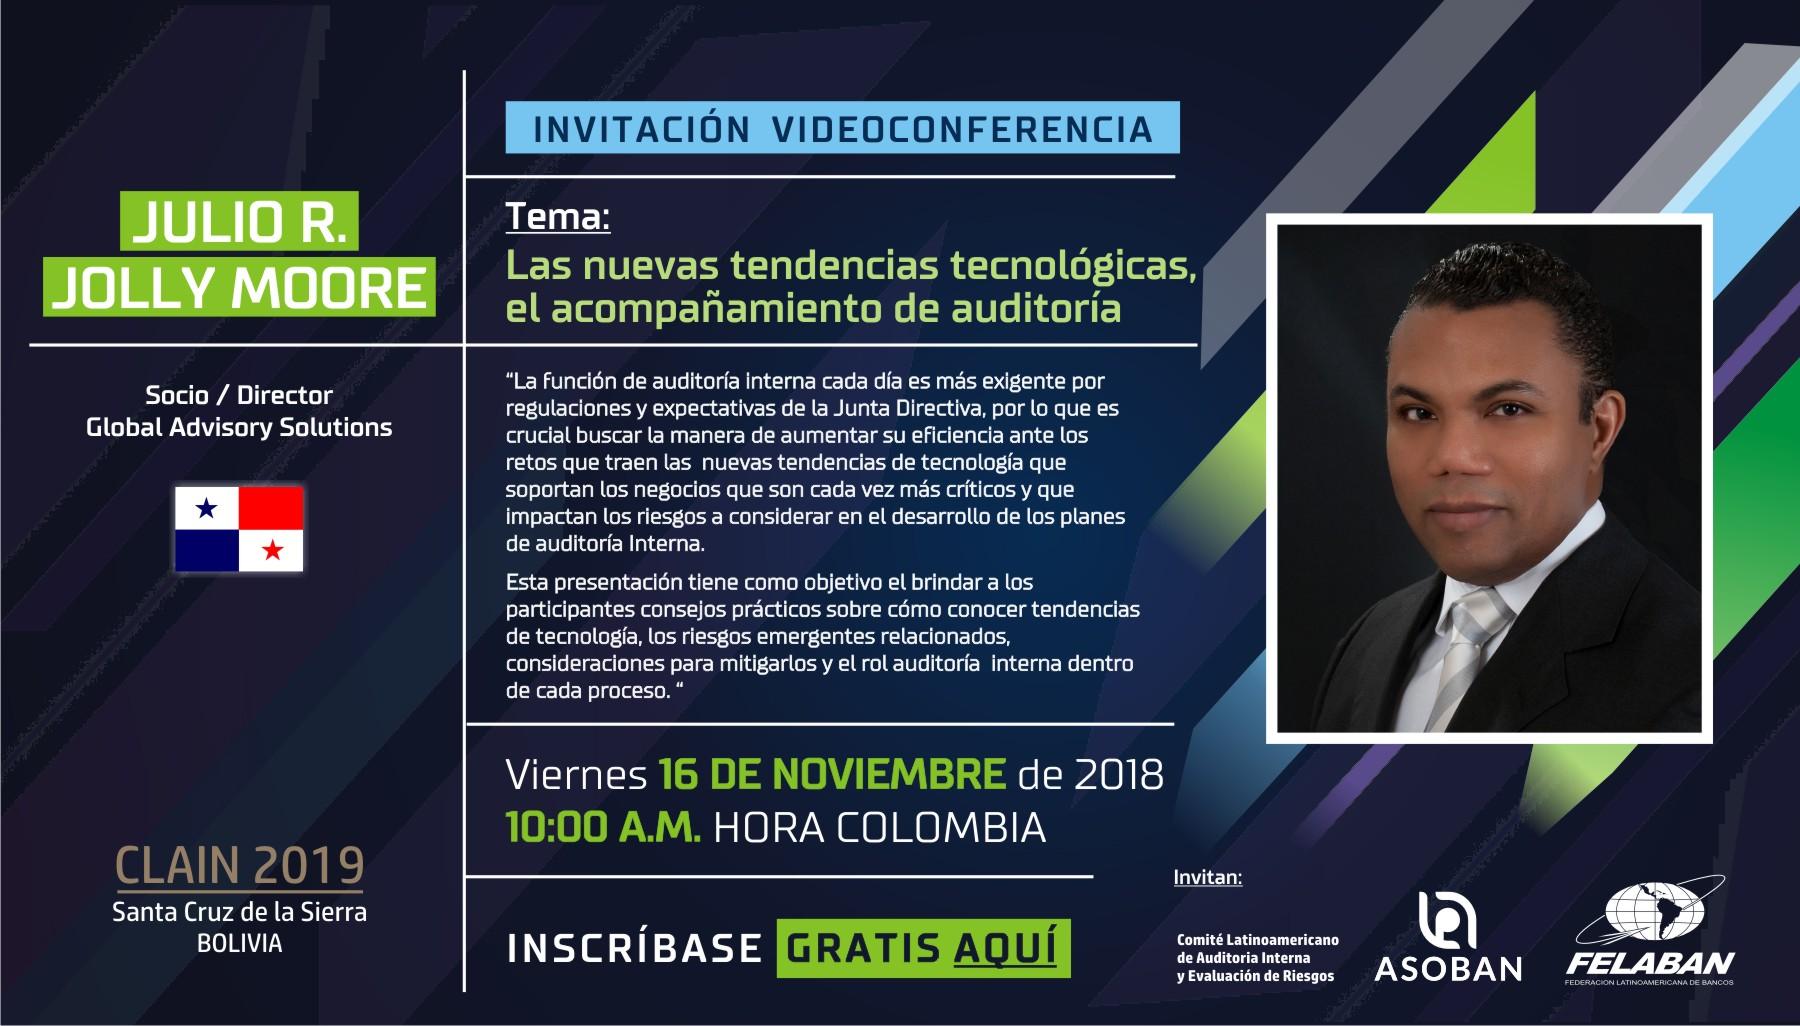 LAS NUEVAS TENDENCIAS TECNOLÓGICAS, EL ACOMPAÑAMIENTO DE AUDITORÍA